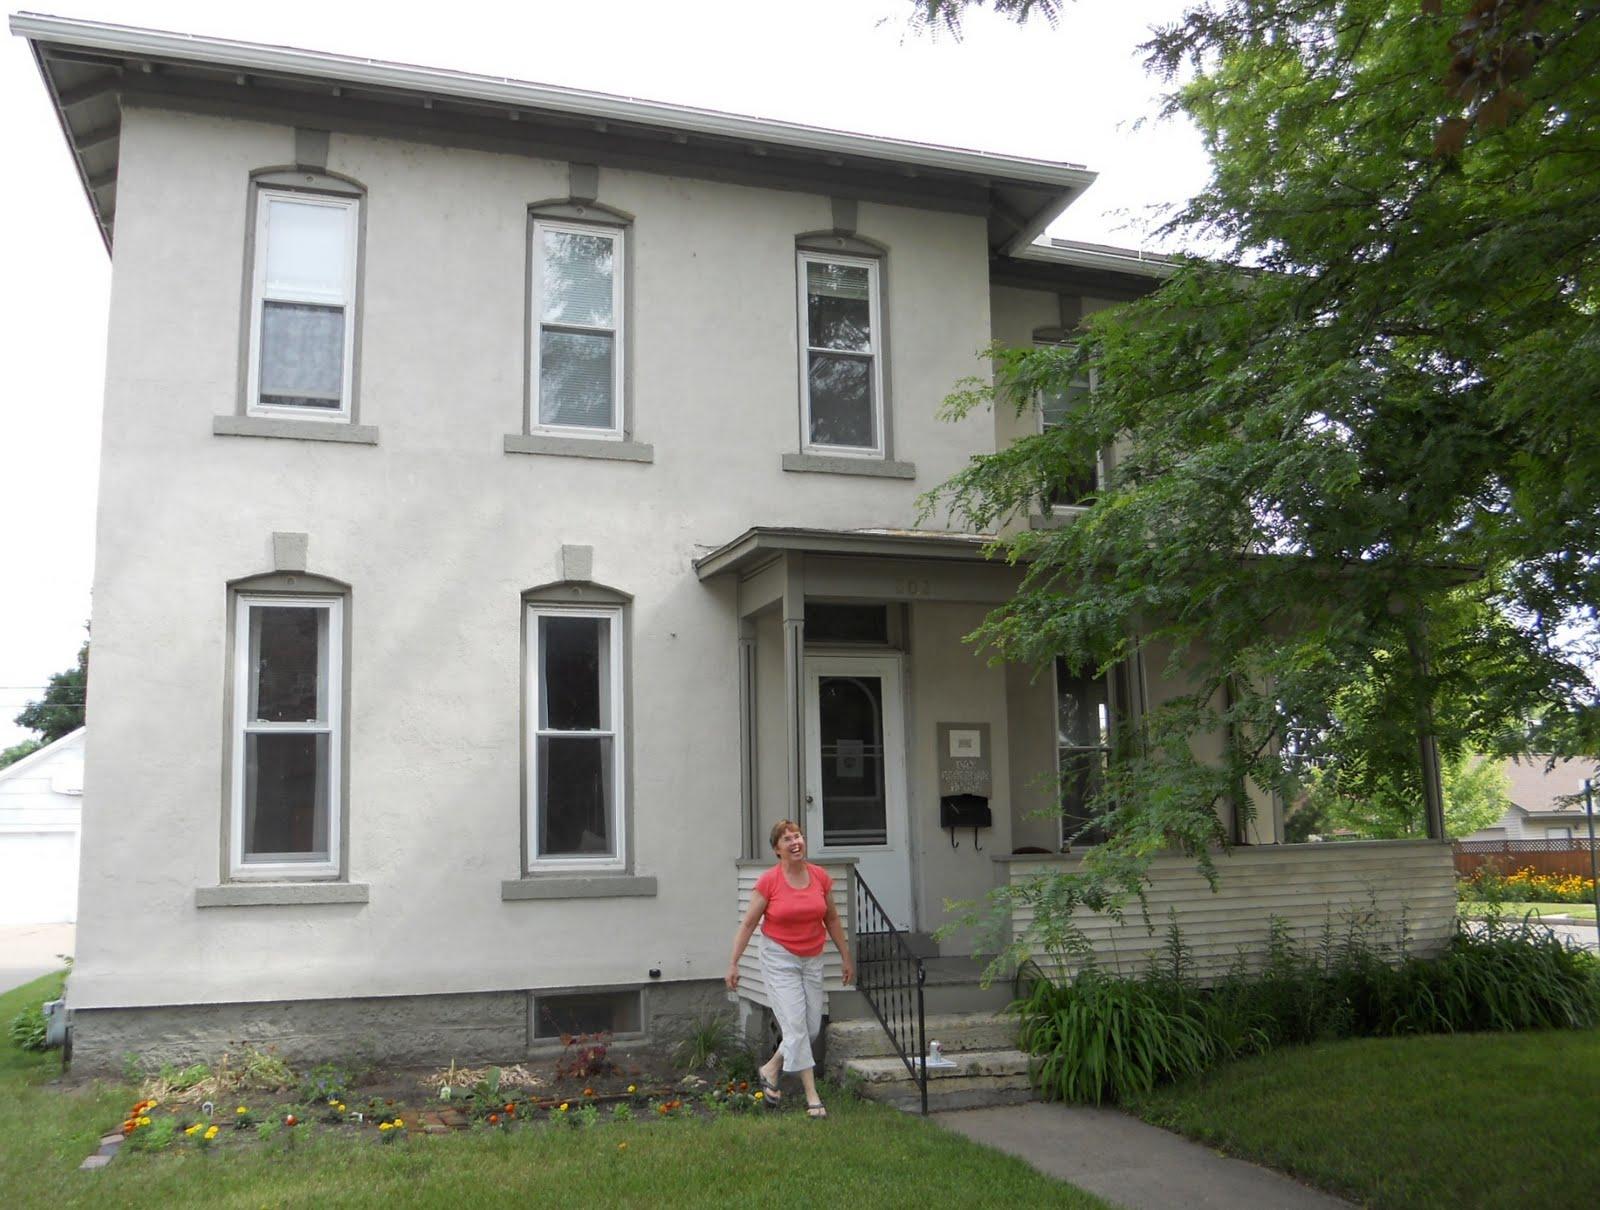 Winona Catholic Worker Transitional Housing